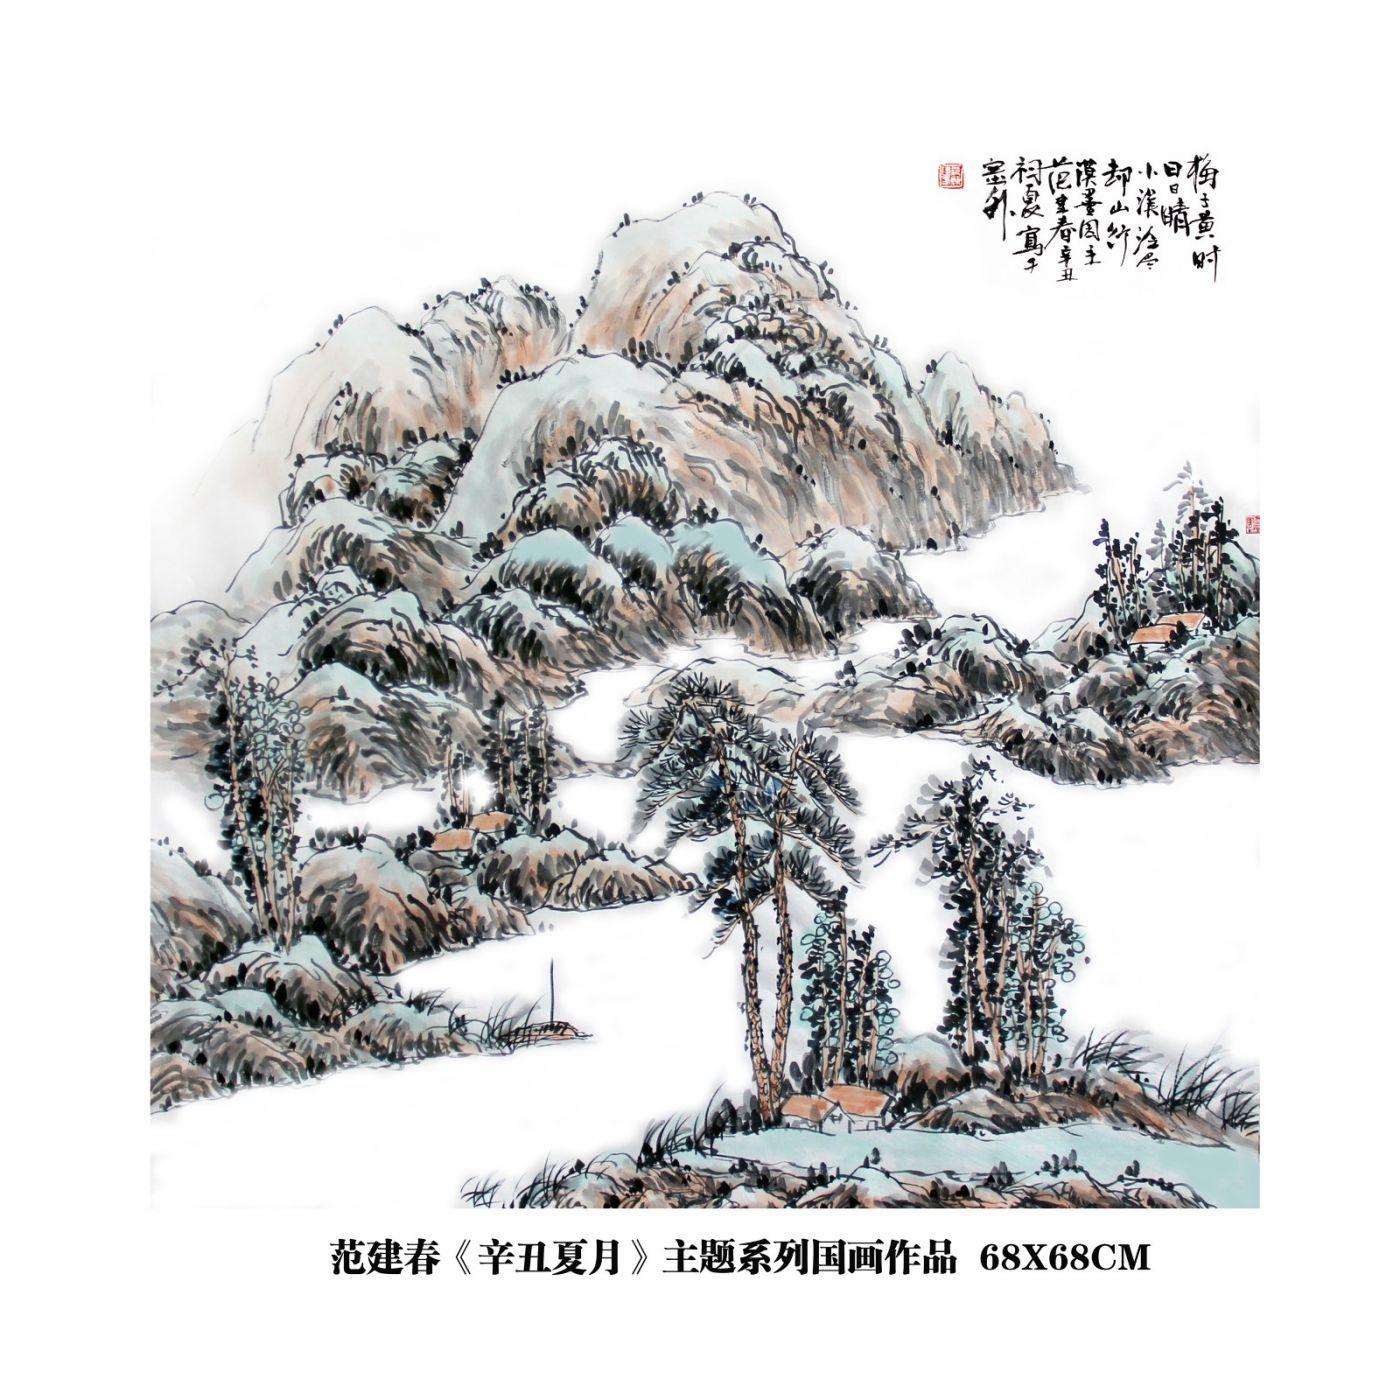 范建春辛丑夏月国画山水作品(一)_图1-3